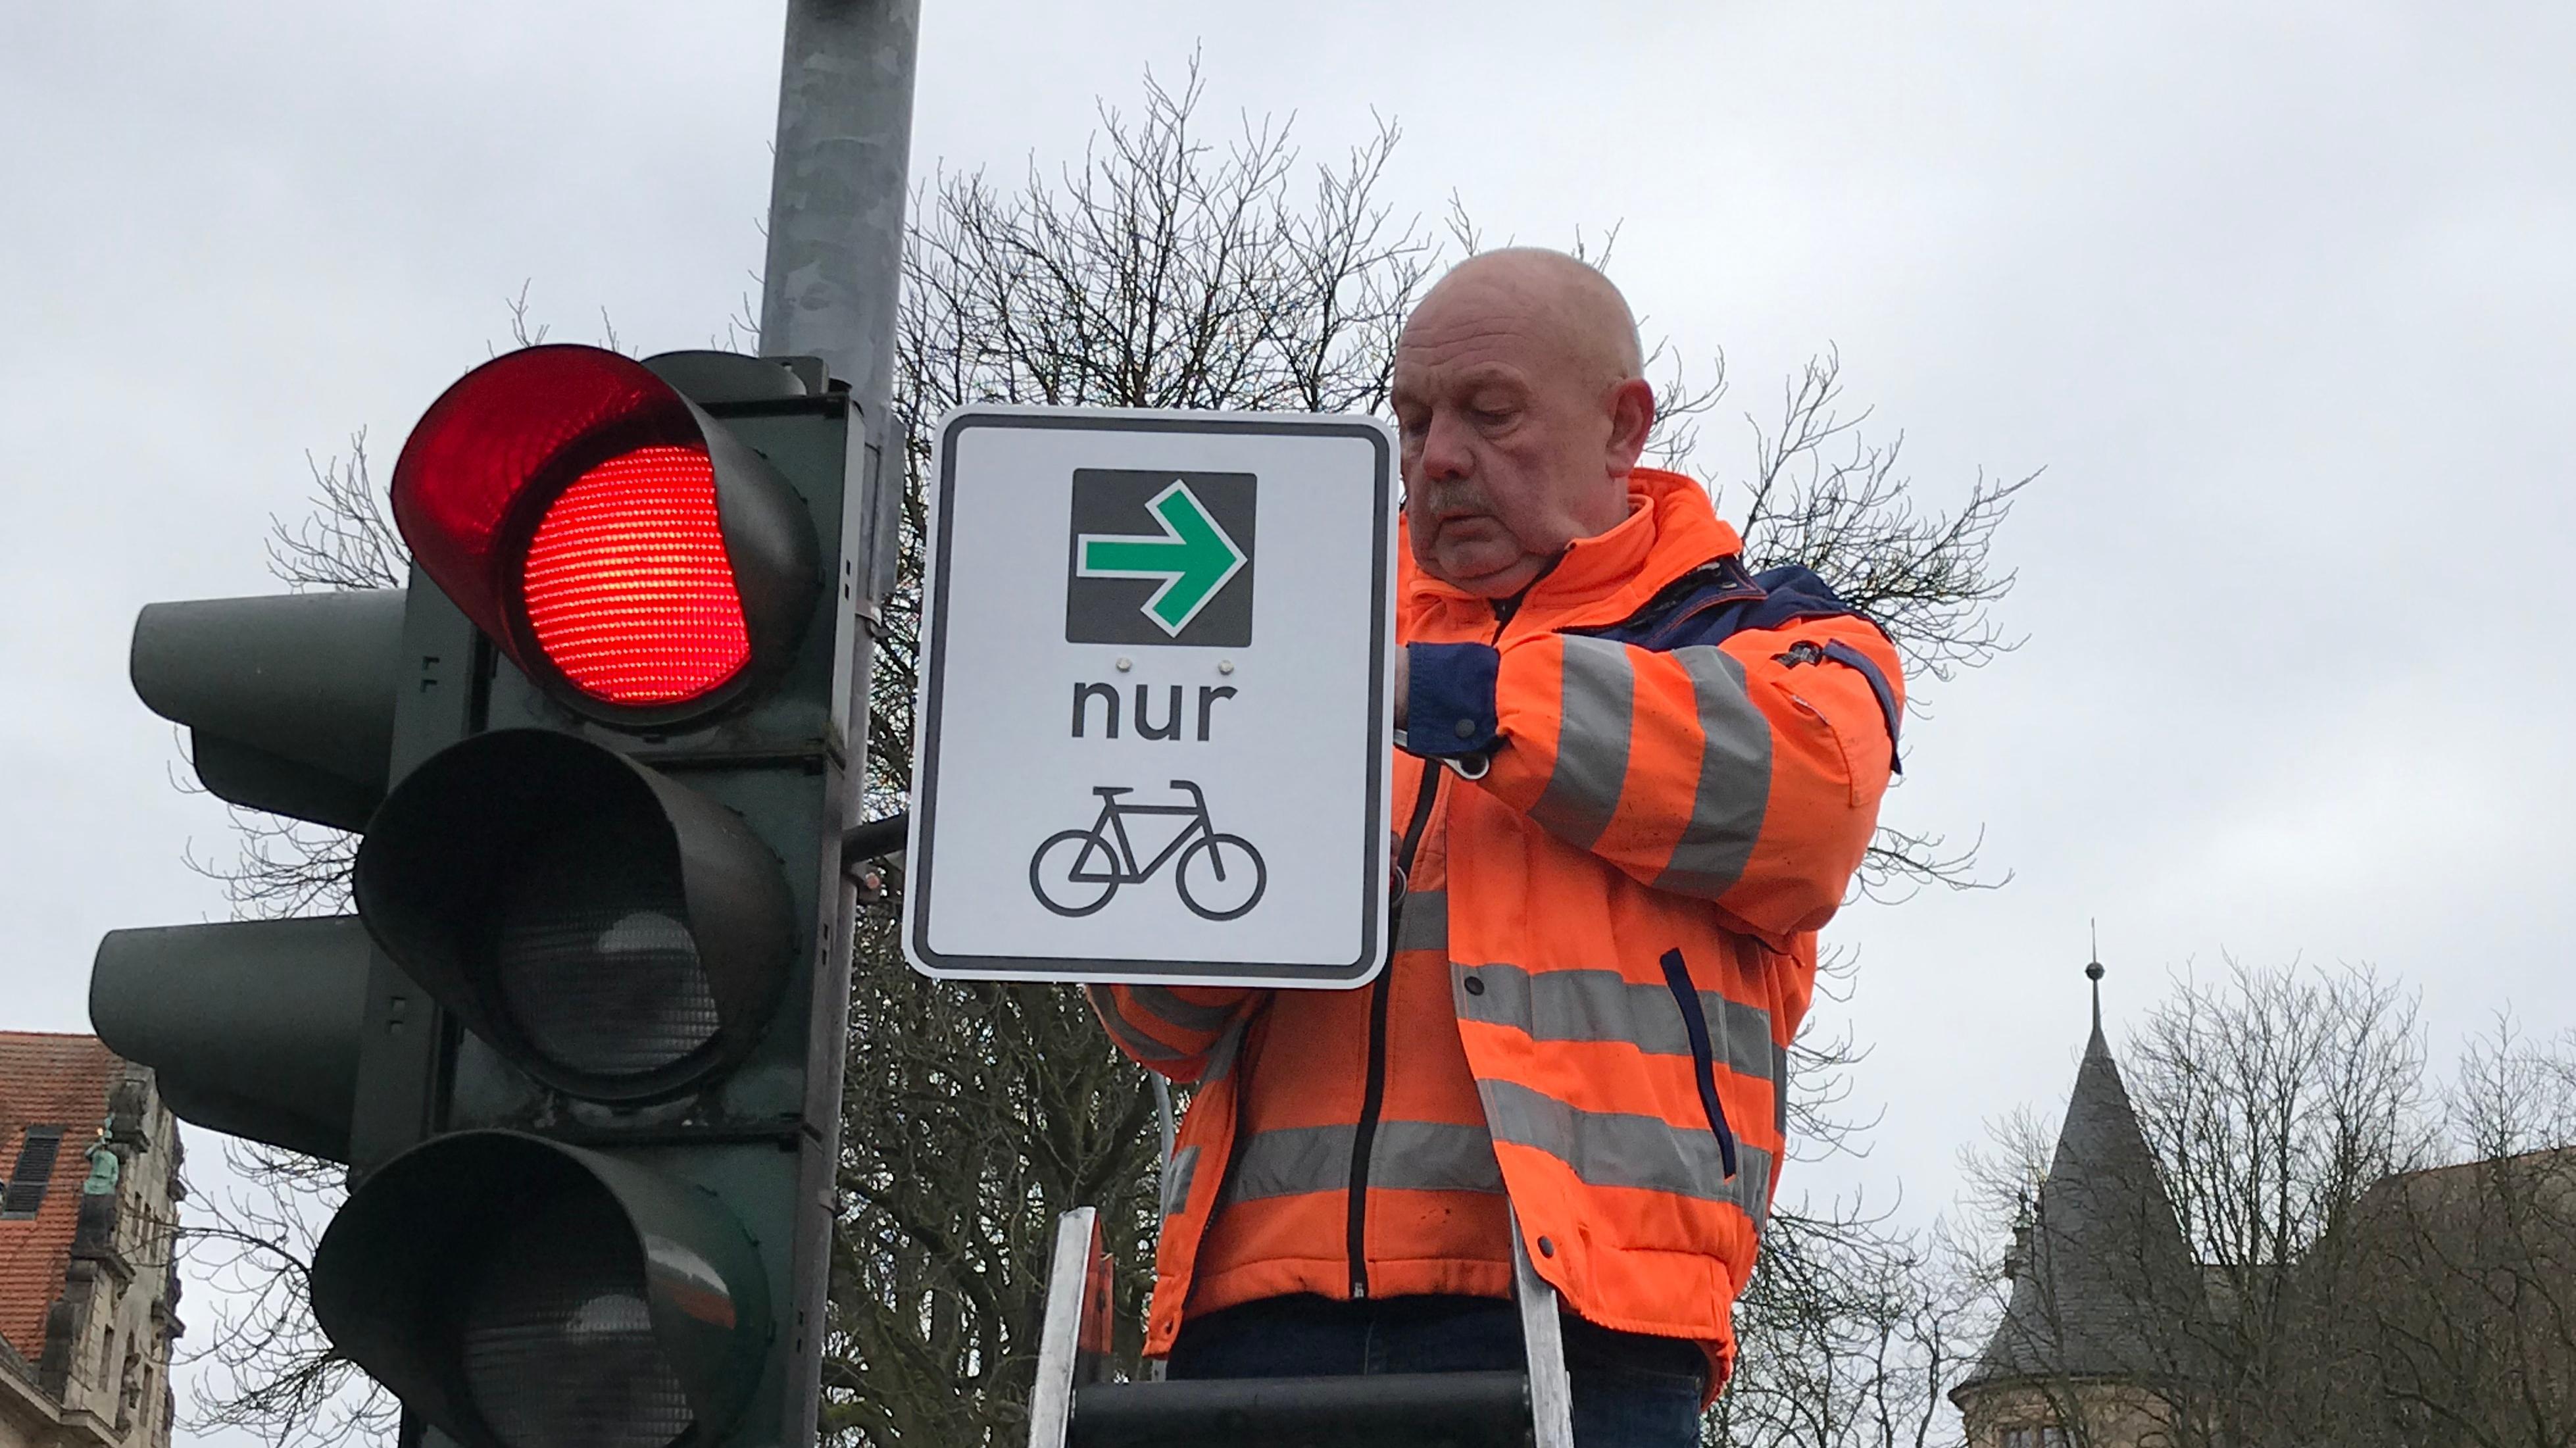 Ein Mann mit neon-orangener Jacke bringt an einer Verkehrsampel ein Schild an. Darauf zu sehen: Ein grüner Pfeil, der nur für Radfahrer gilt.